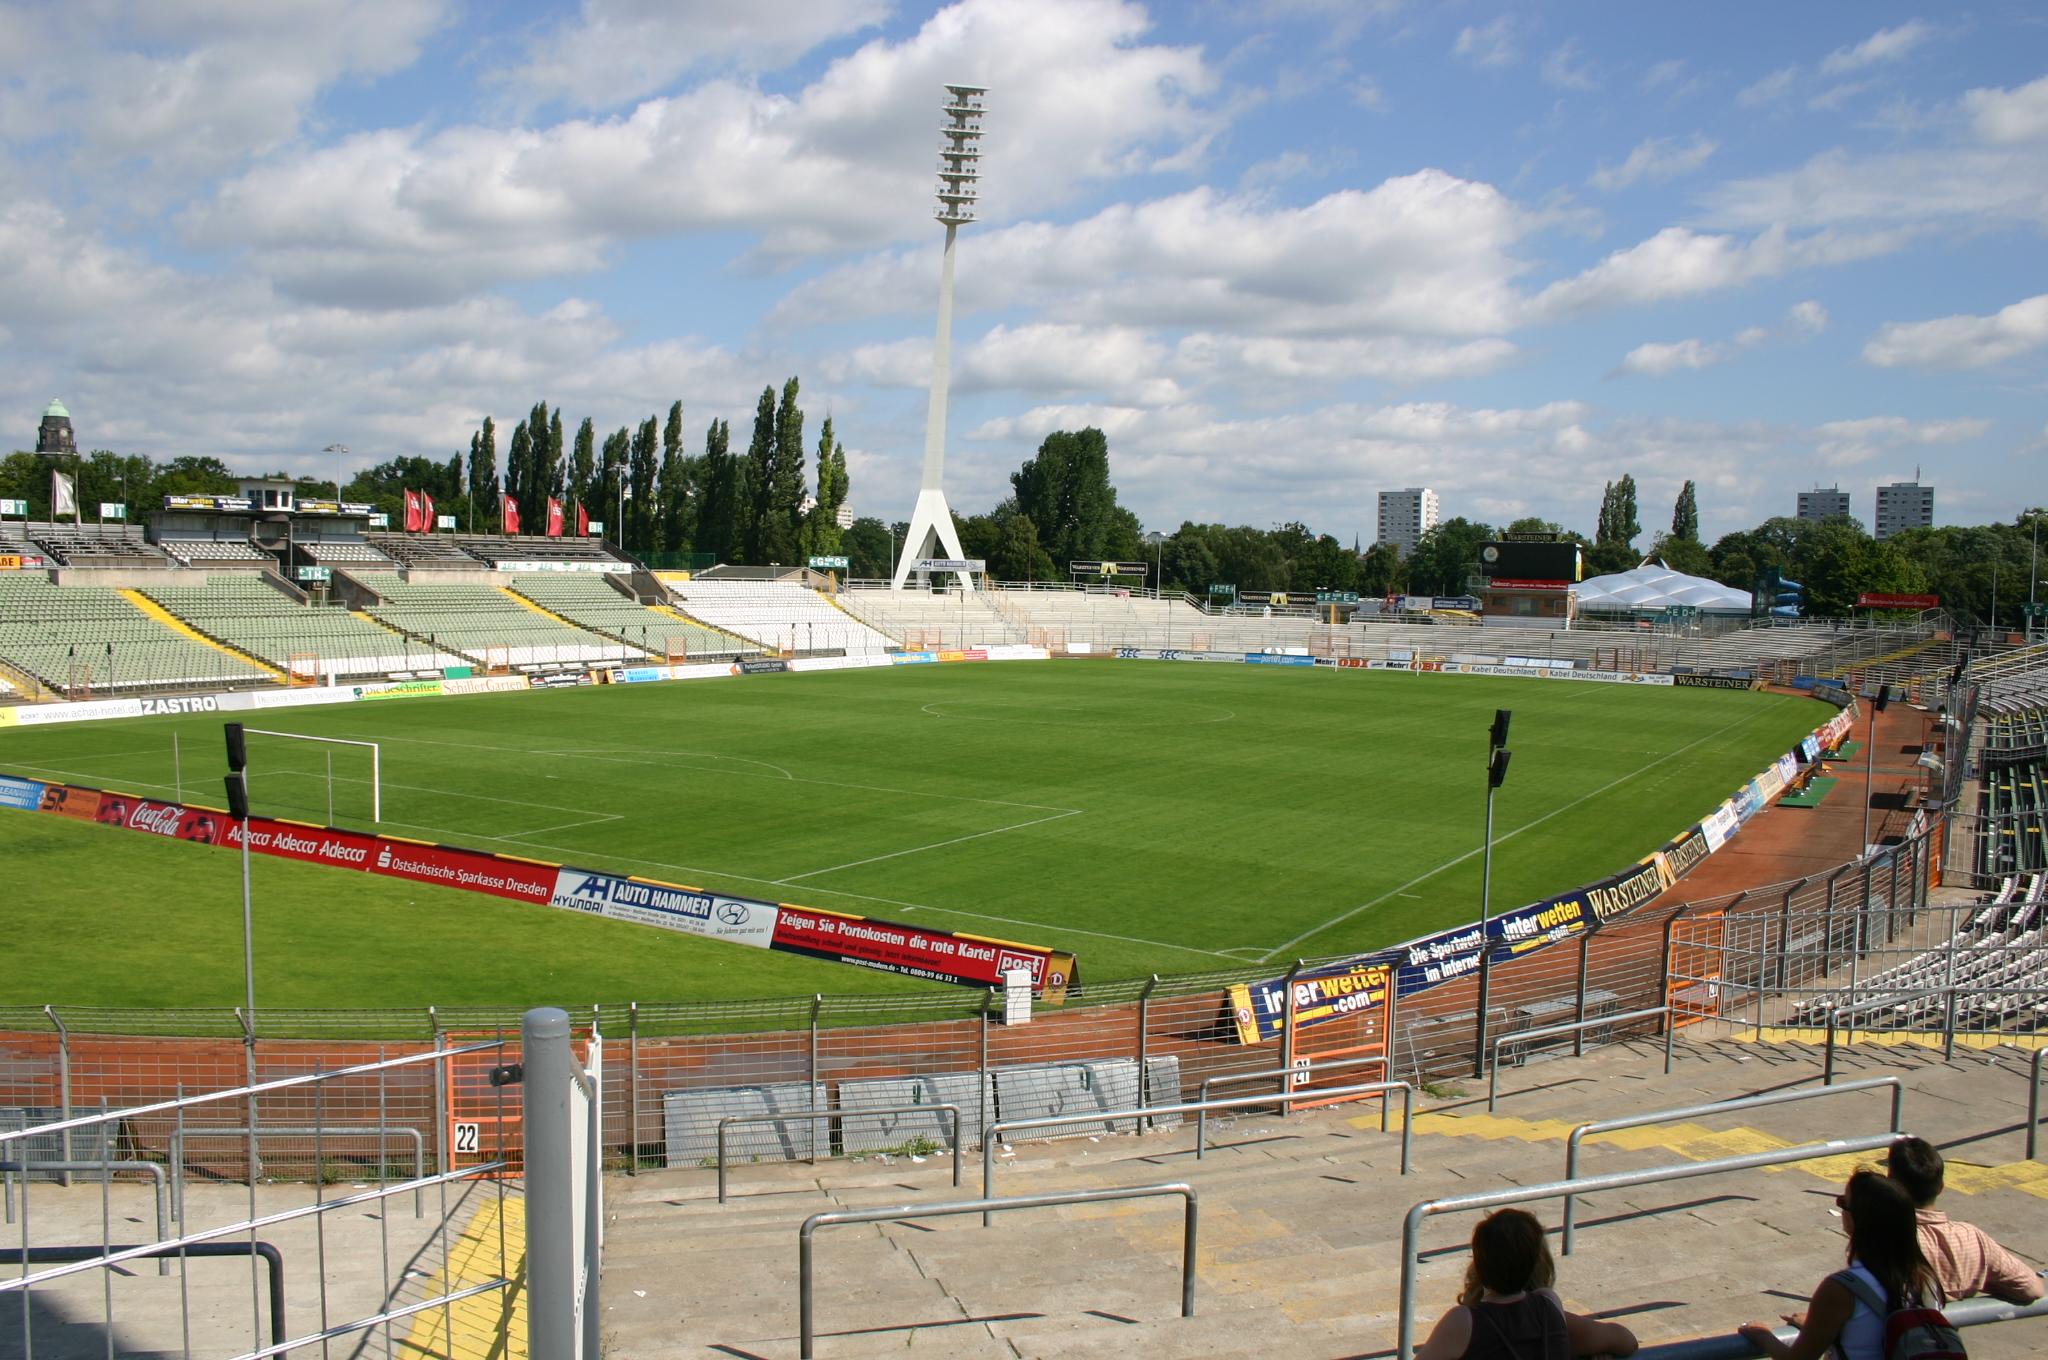 File:Rudolf-Harbig-Stadion1.jpg - Wikimedia Commons